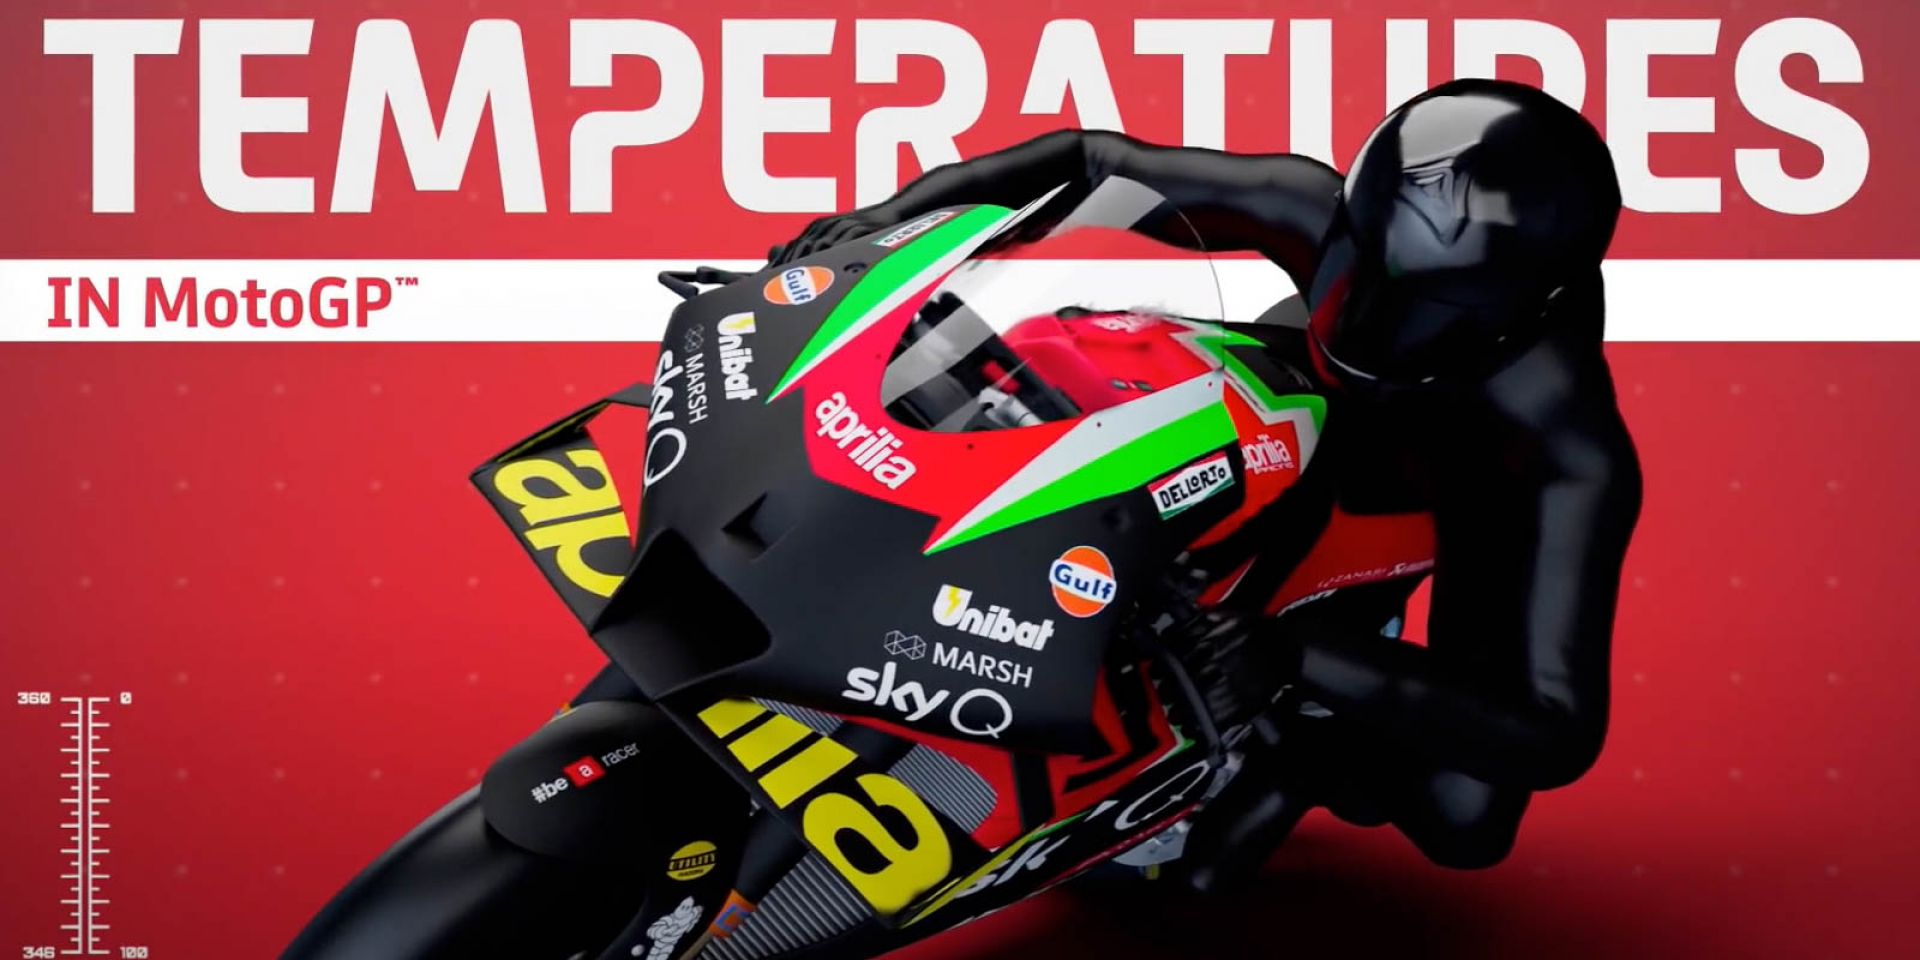 戰勝太空梭!?MotoGP賽車溫度分析